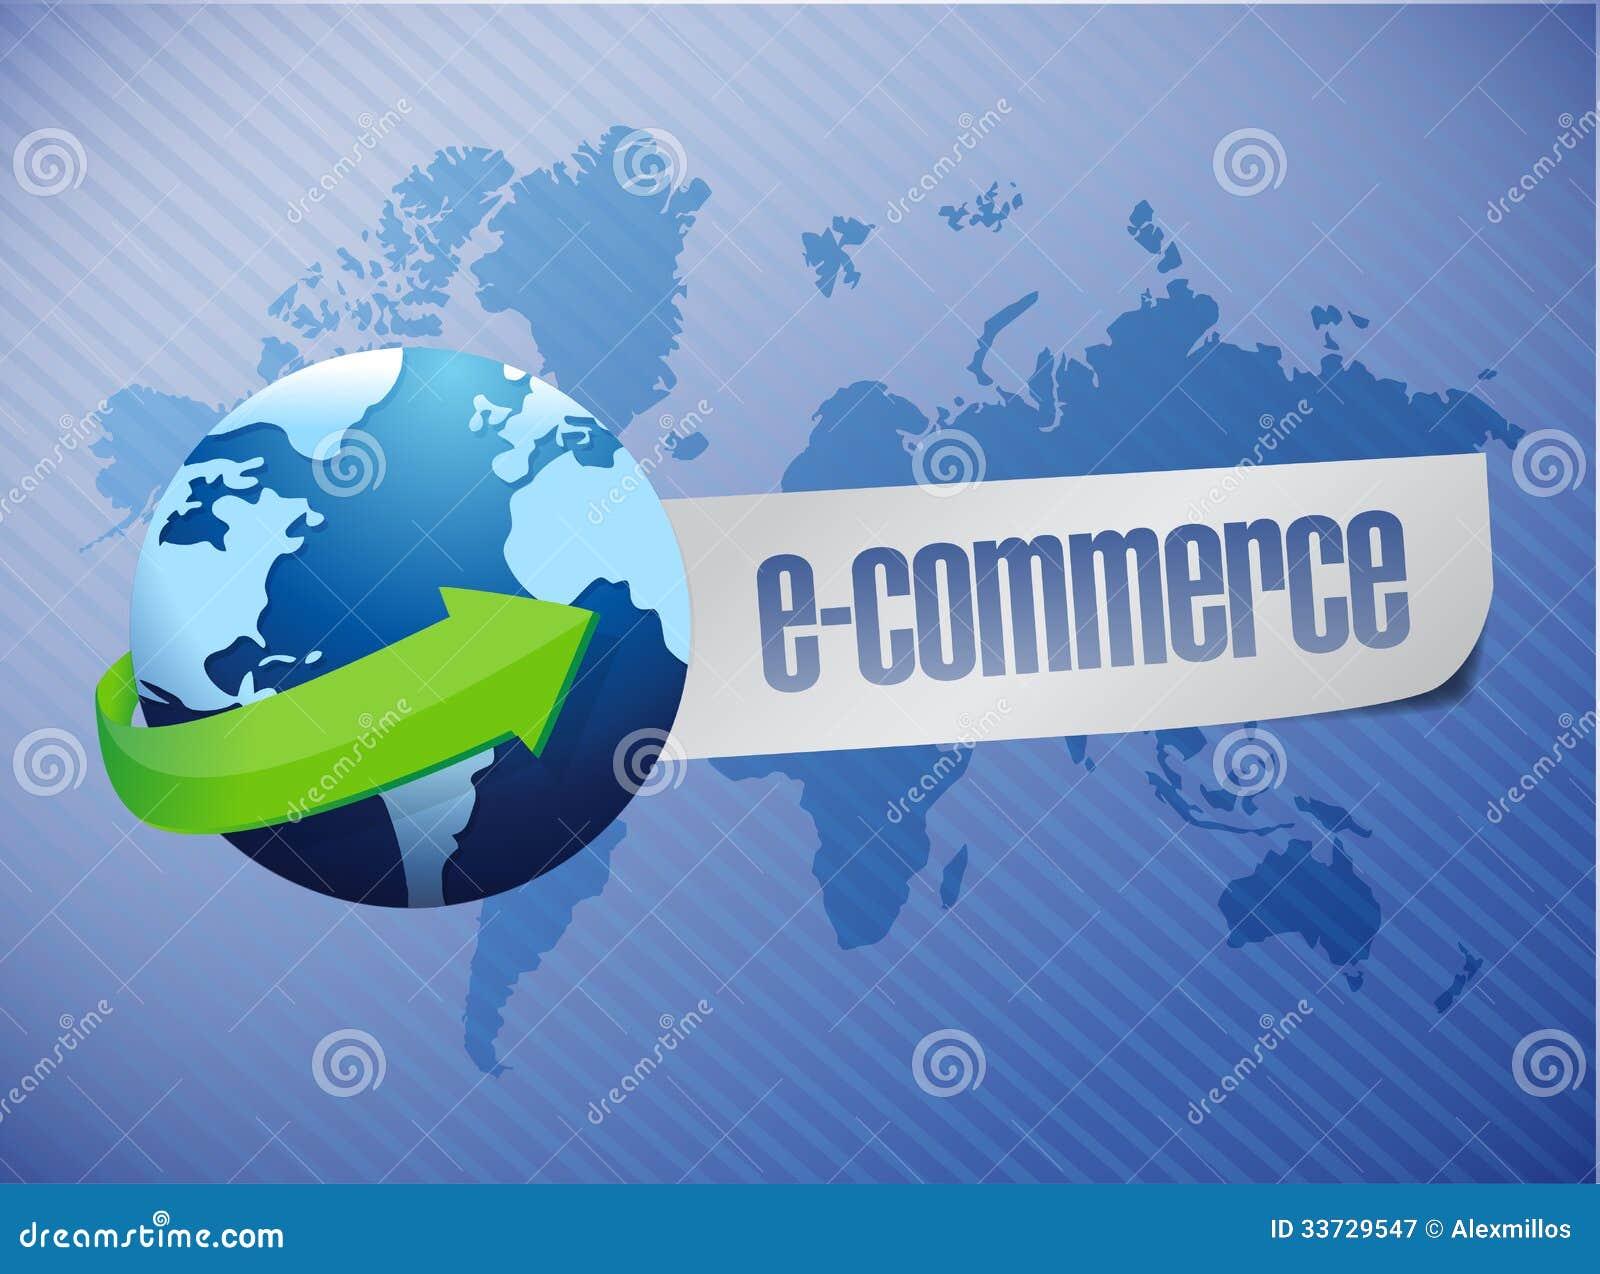 Коммерция e. дизайн иллюстрации карты мира